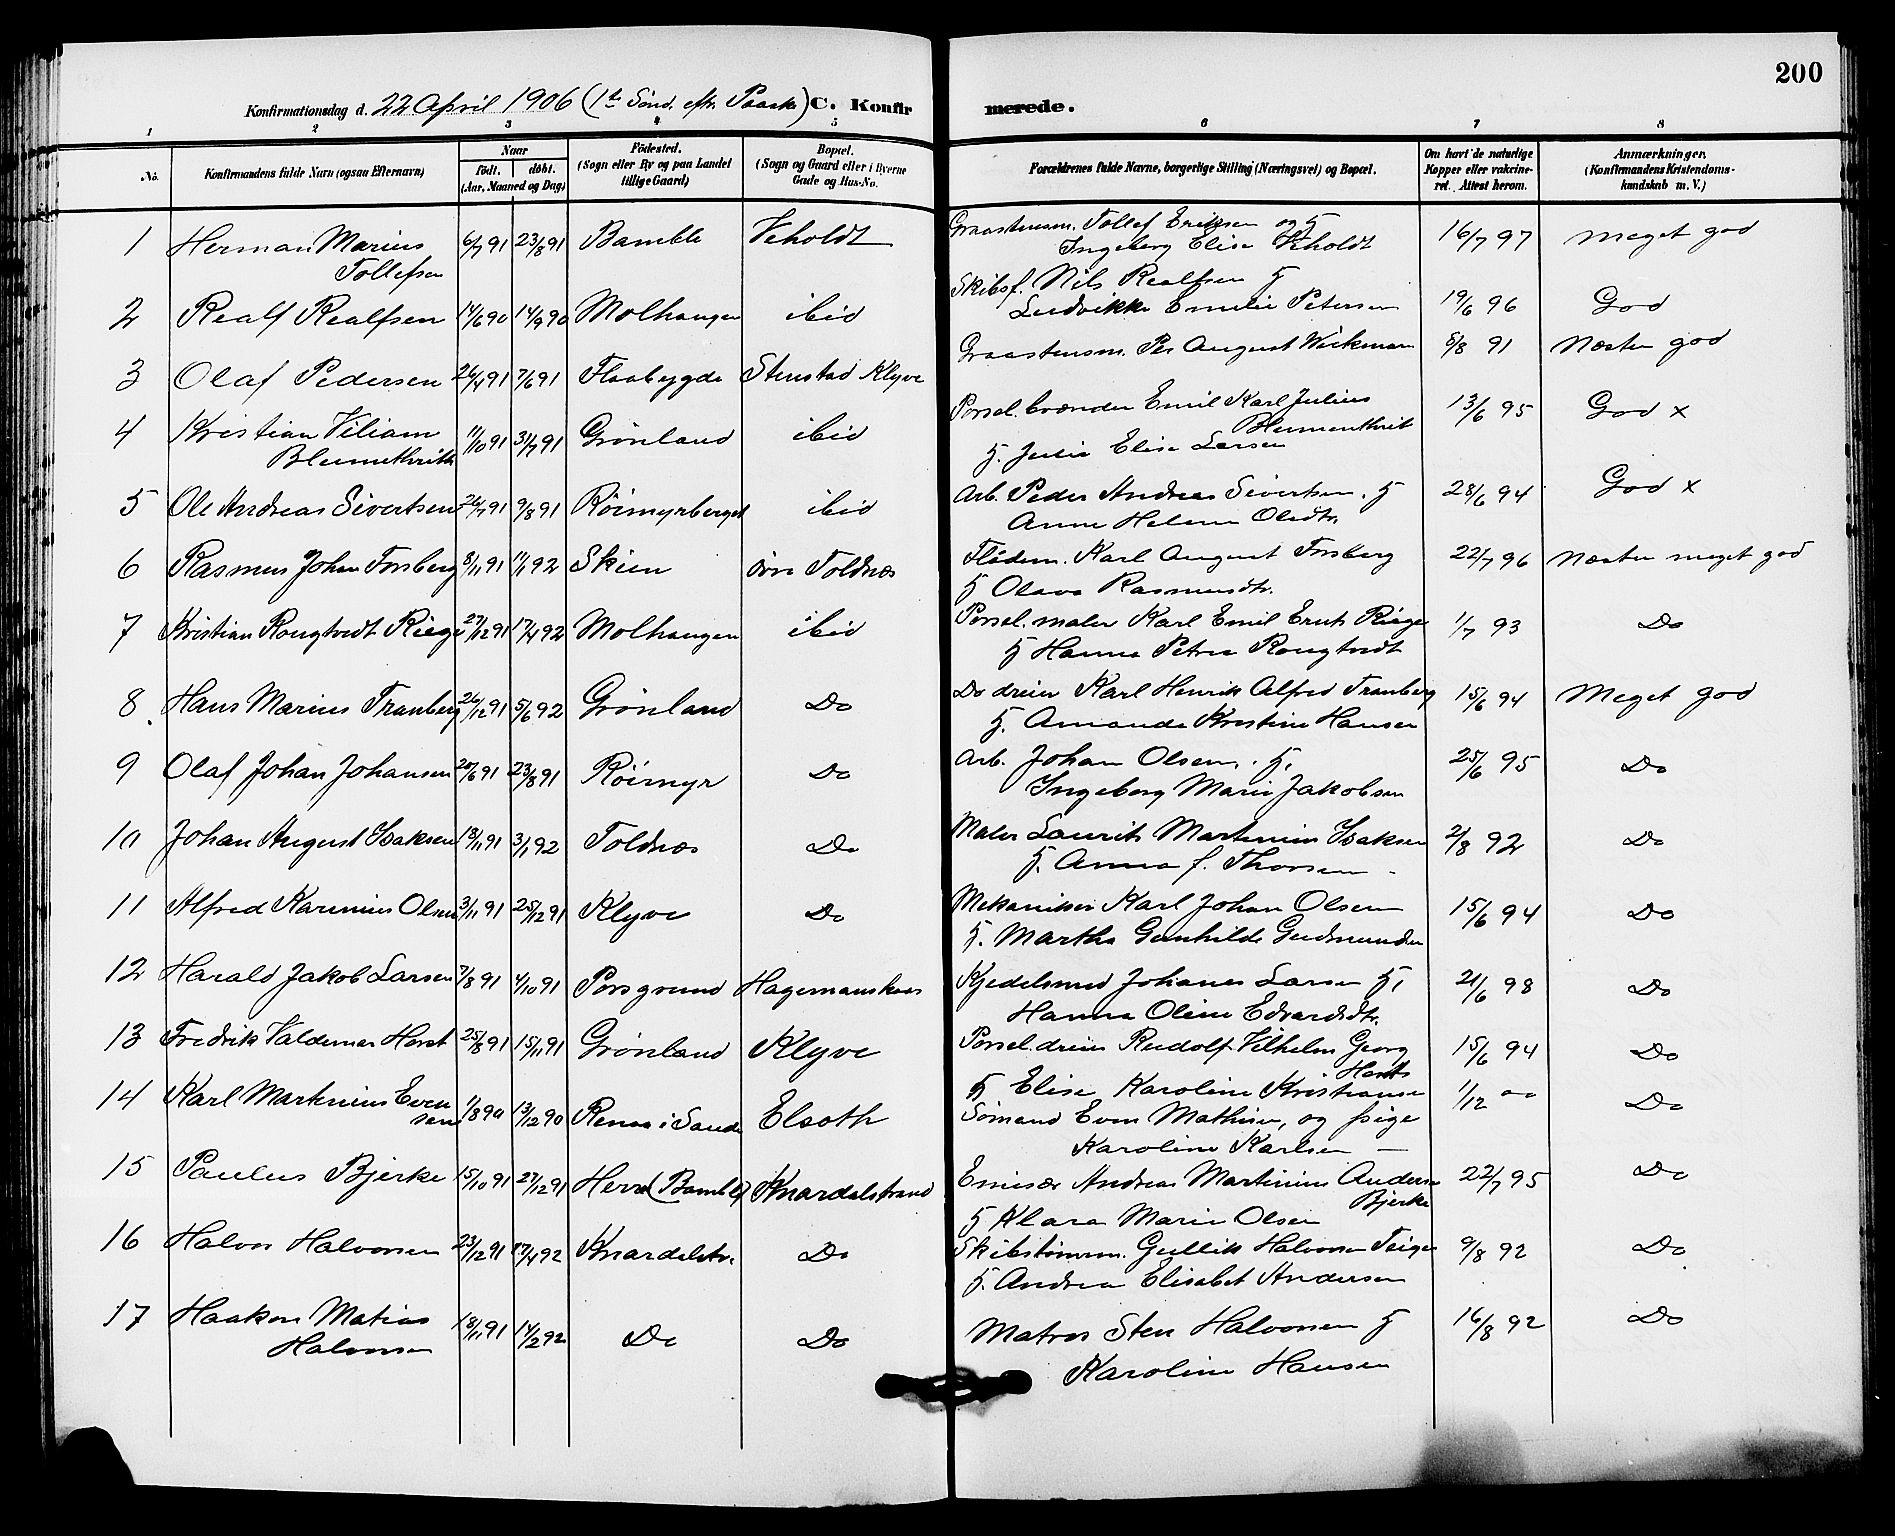 SAKO, Solum kirkebøker, G/Ga/L0008: Klokkerbok nr. I 8, 1898-1909, s. 200